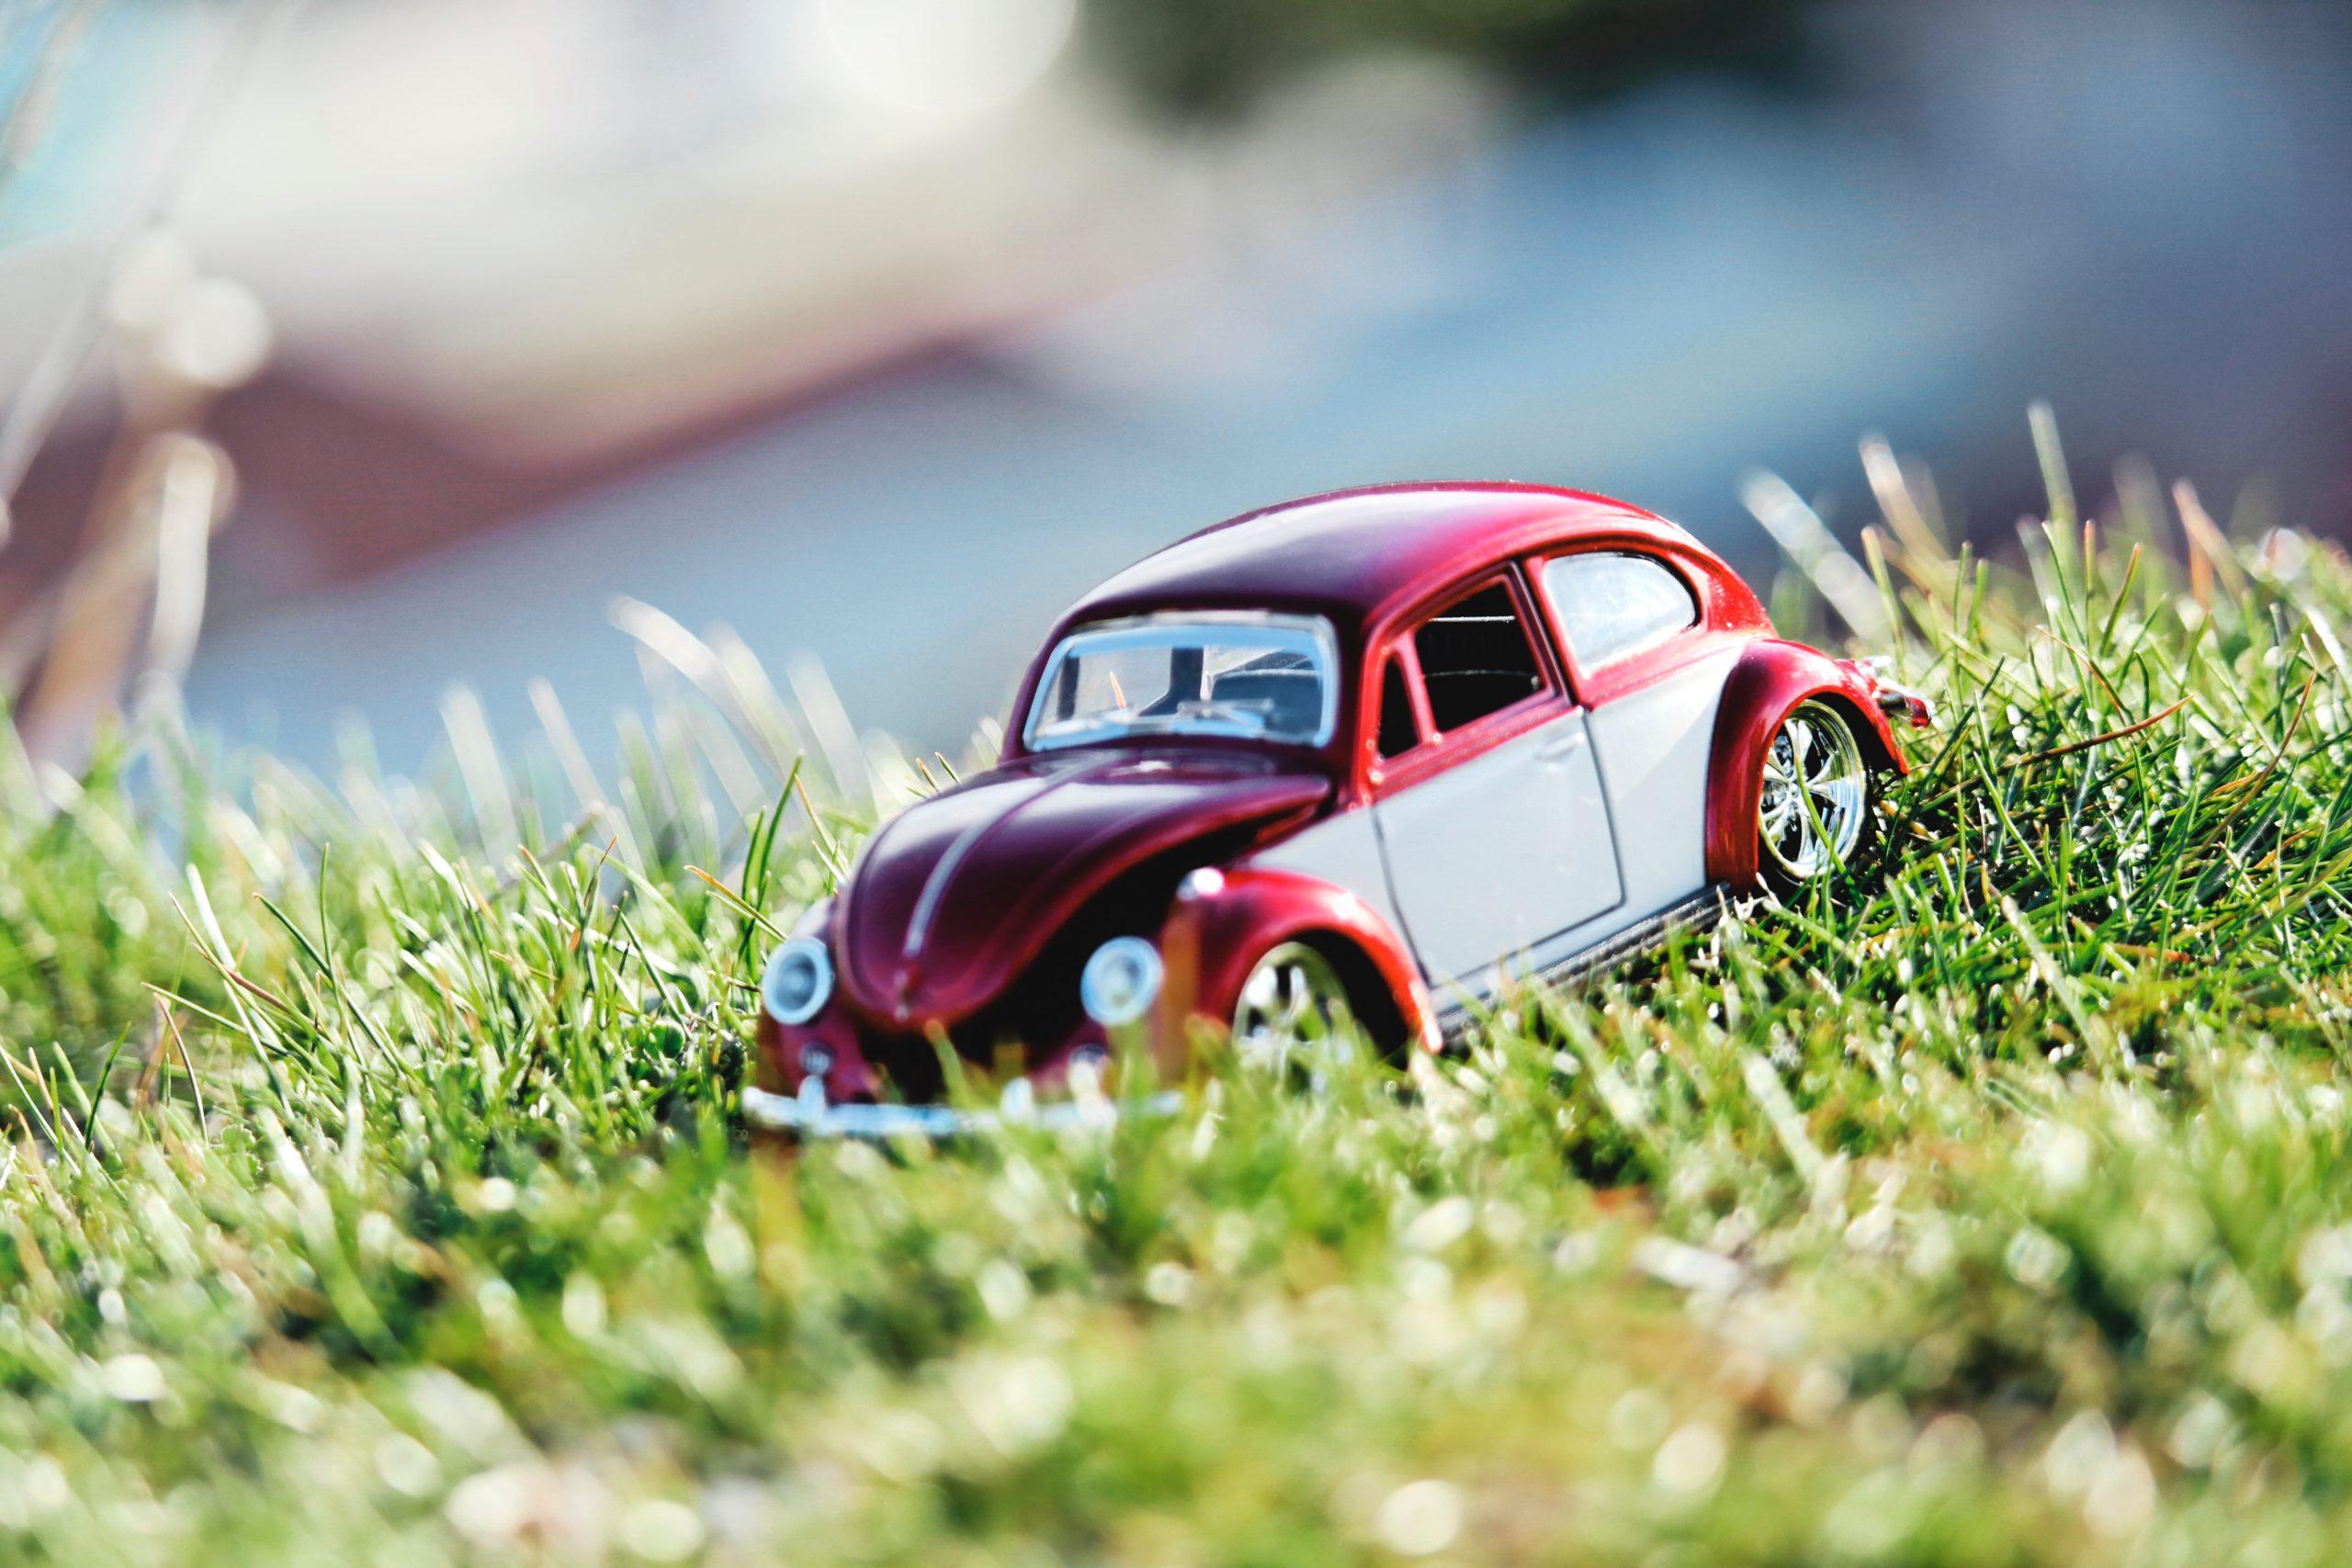 automobili a gas economiche per rispettare l'ambiente